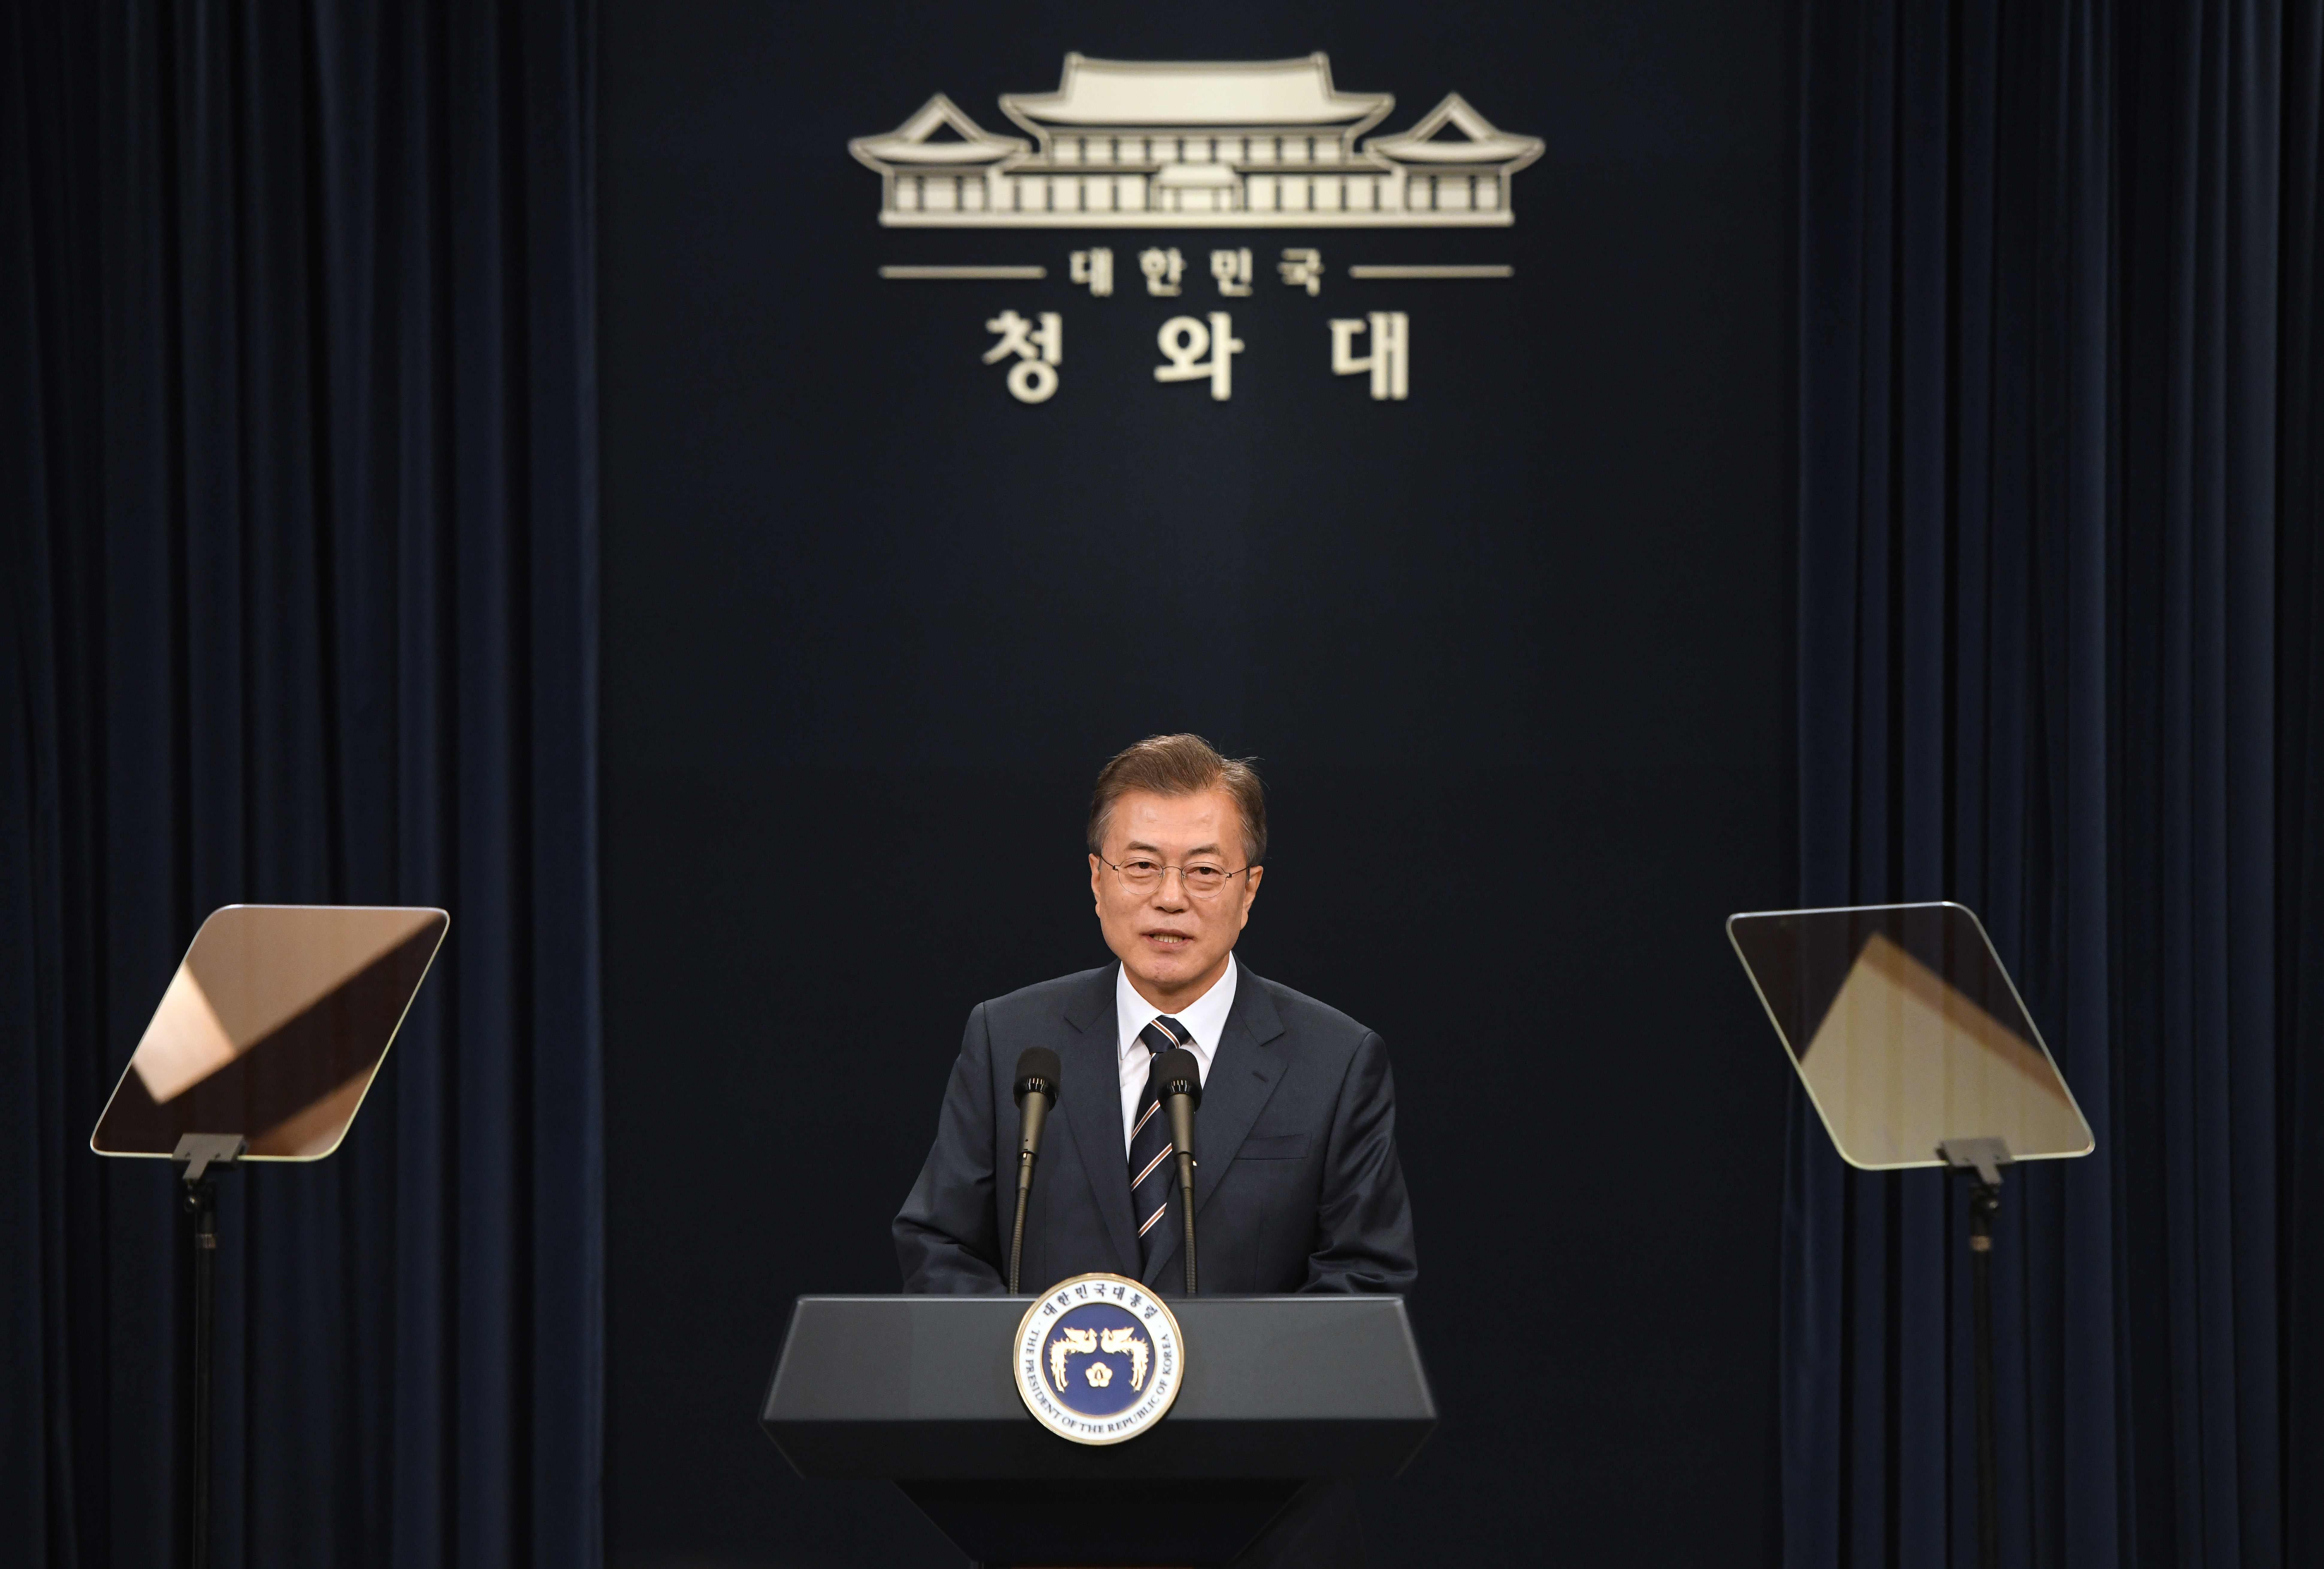 رئيس كوريا الجنوبية يتحدث للصحفيين